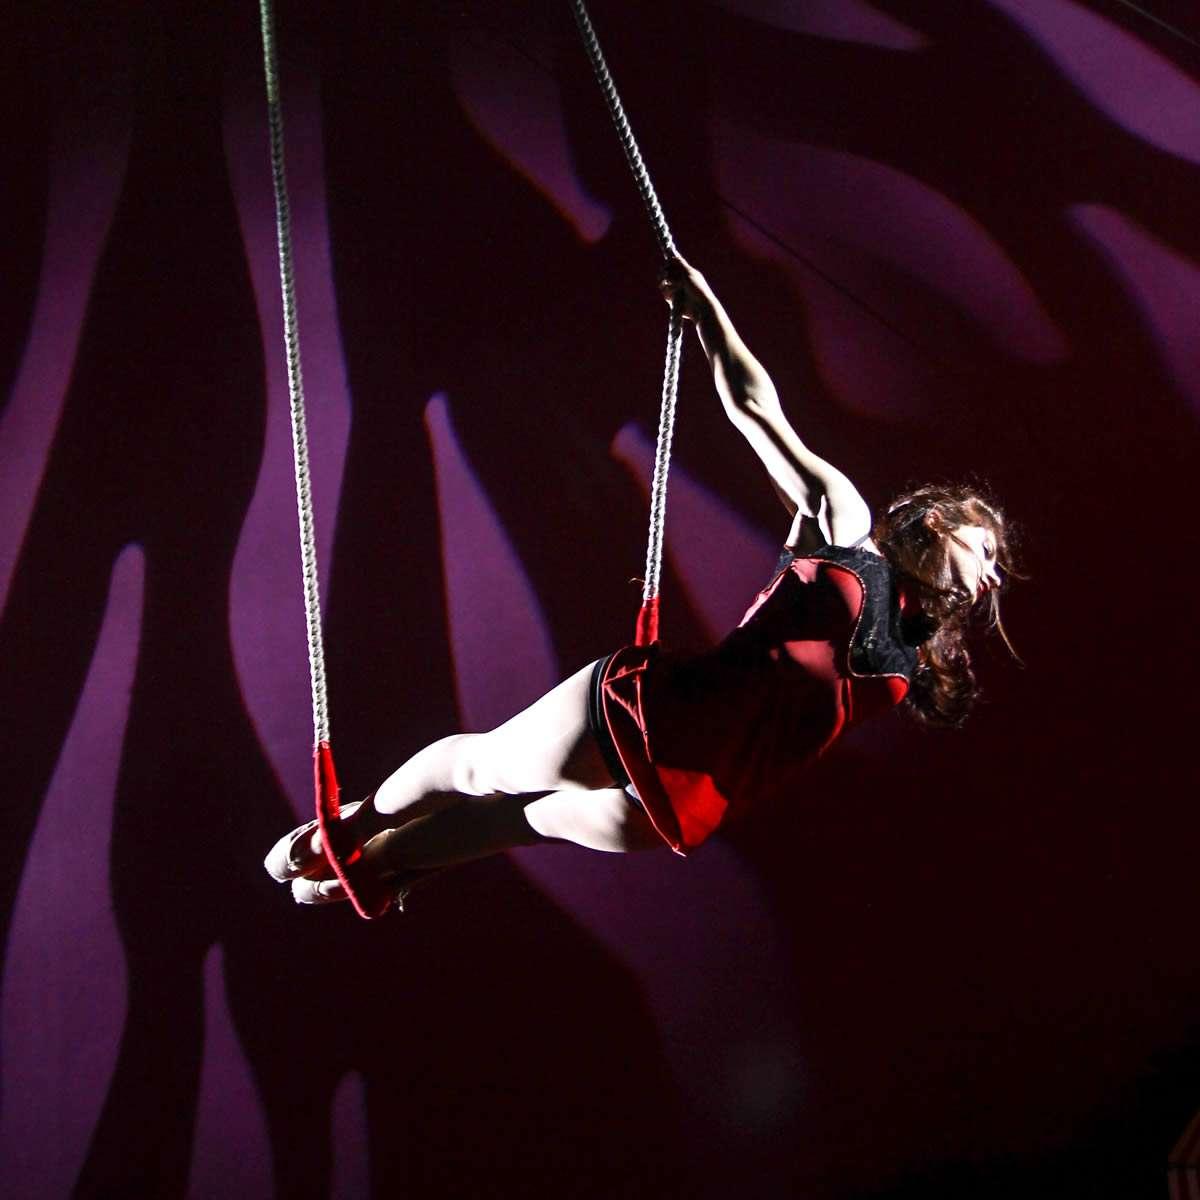 Piccolo Circo dei Sogni - Discipline Aeree - Purple